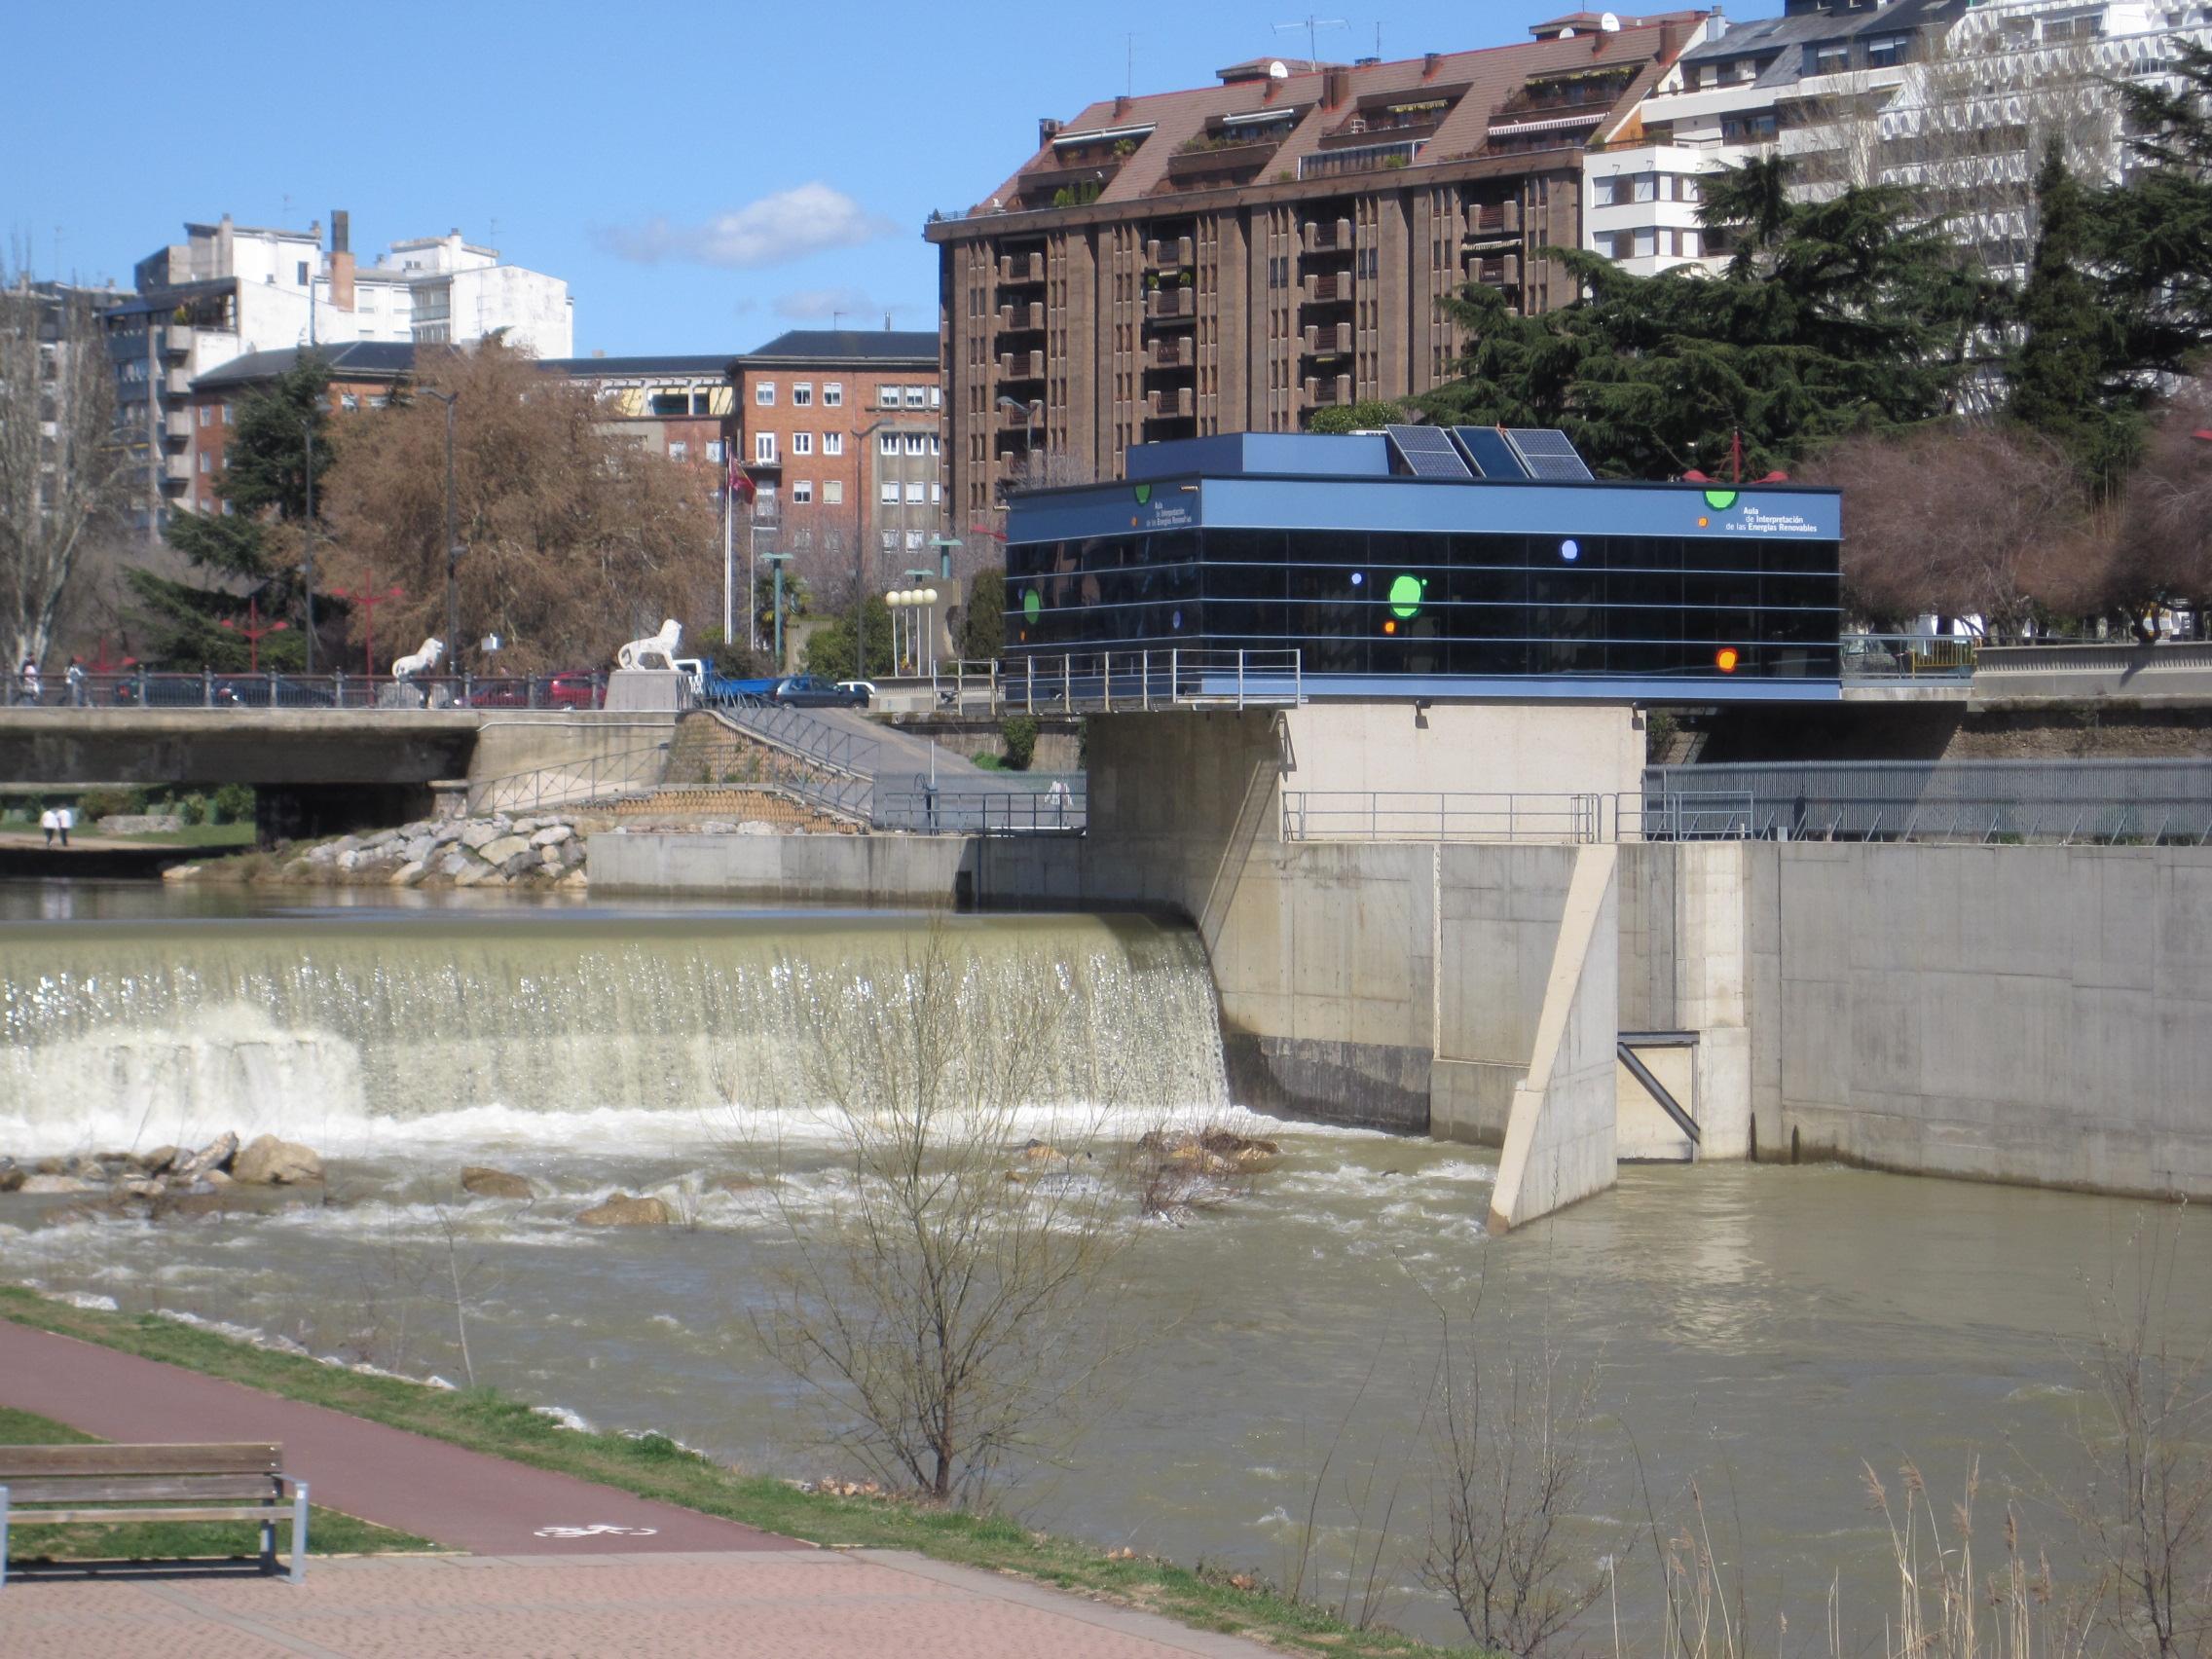 Aula de Interpretación de las Energías Renovables.jpg Español: Aula de Interpretación de las Energías Renovables, León (España). Date March 2010 Source